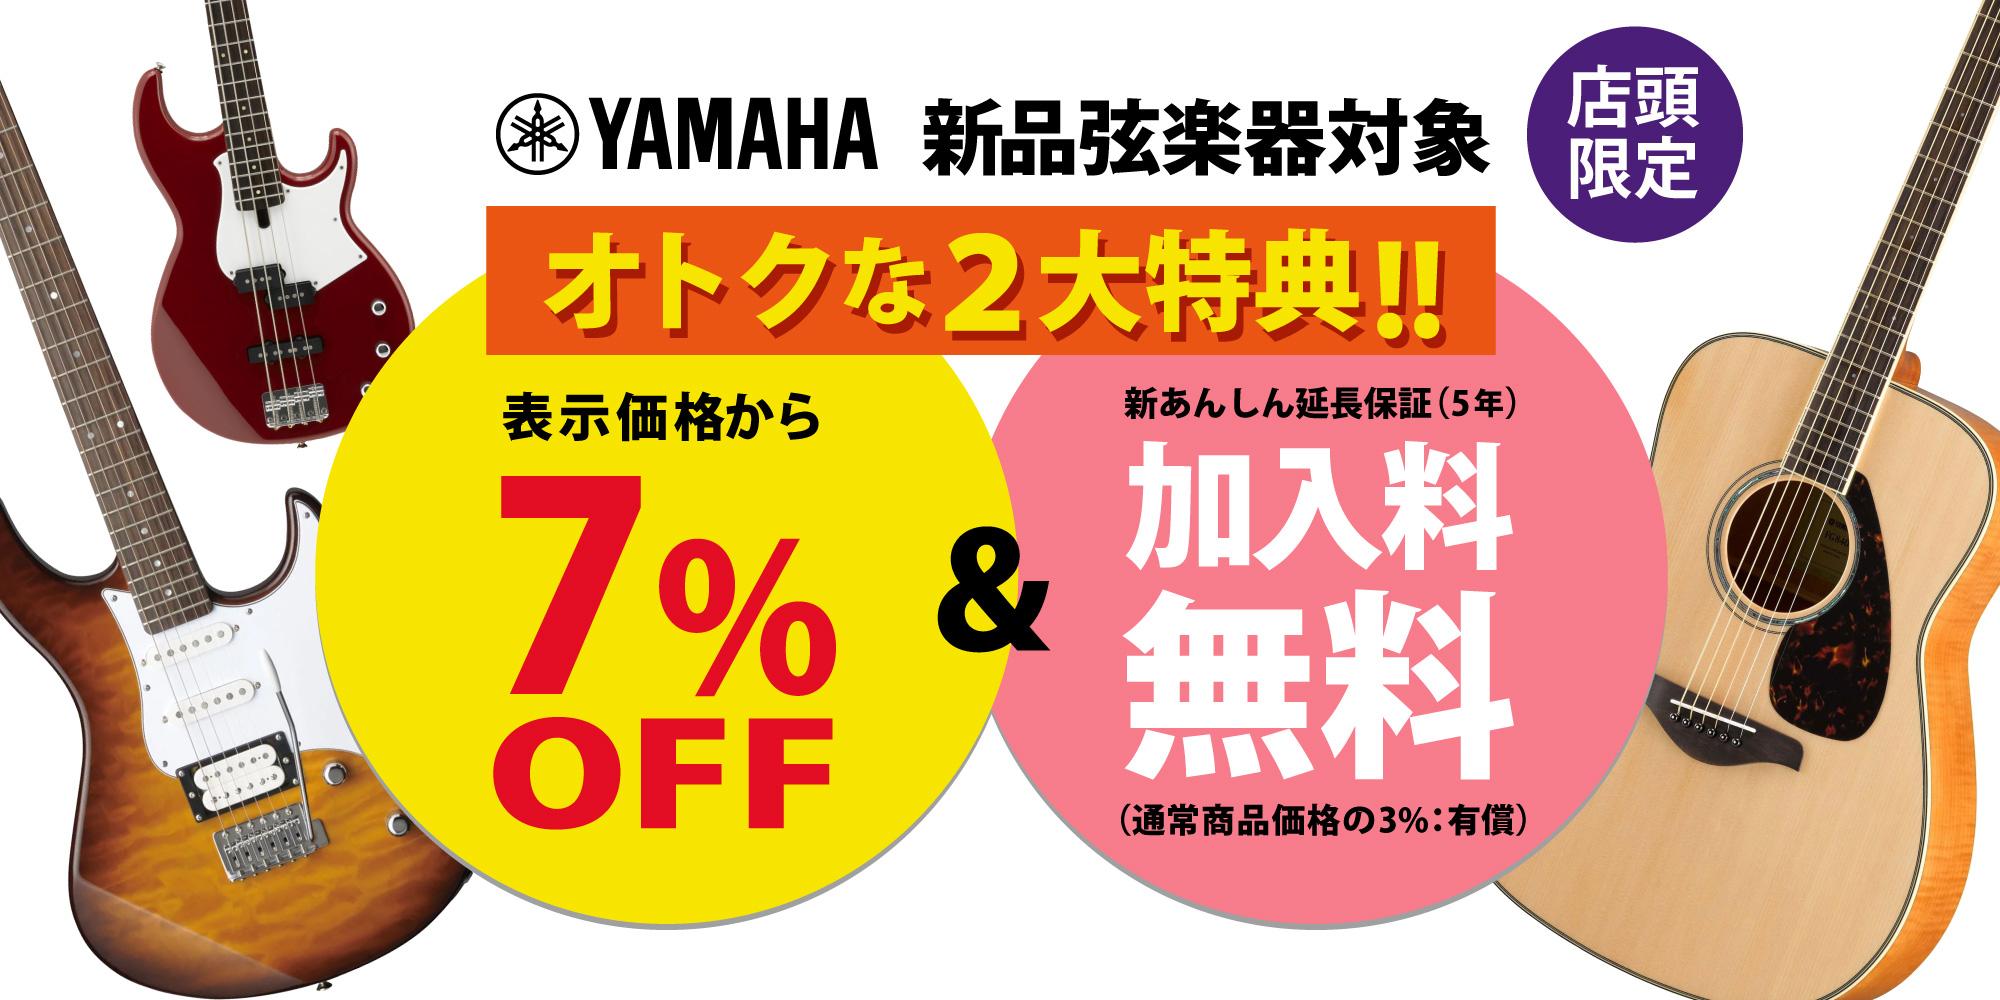 YAMAHA店頭限定キャンペーン【イシバシ楽器】